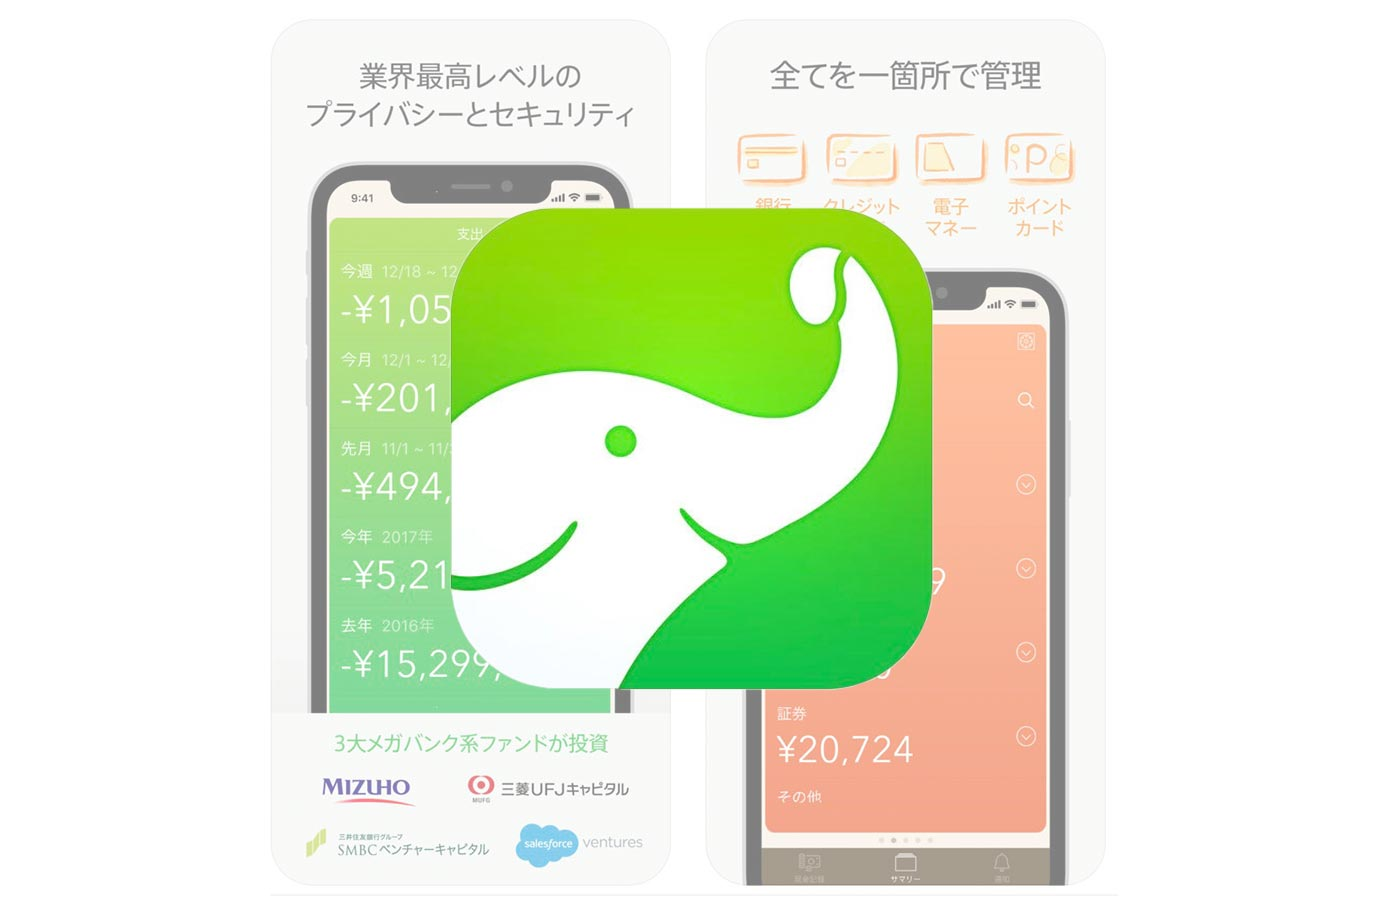 iOSアプリ「Moneytree」がアップデート、iOS 11のSiriKitに対応、口座残高を音声で確認可能に